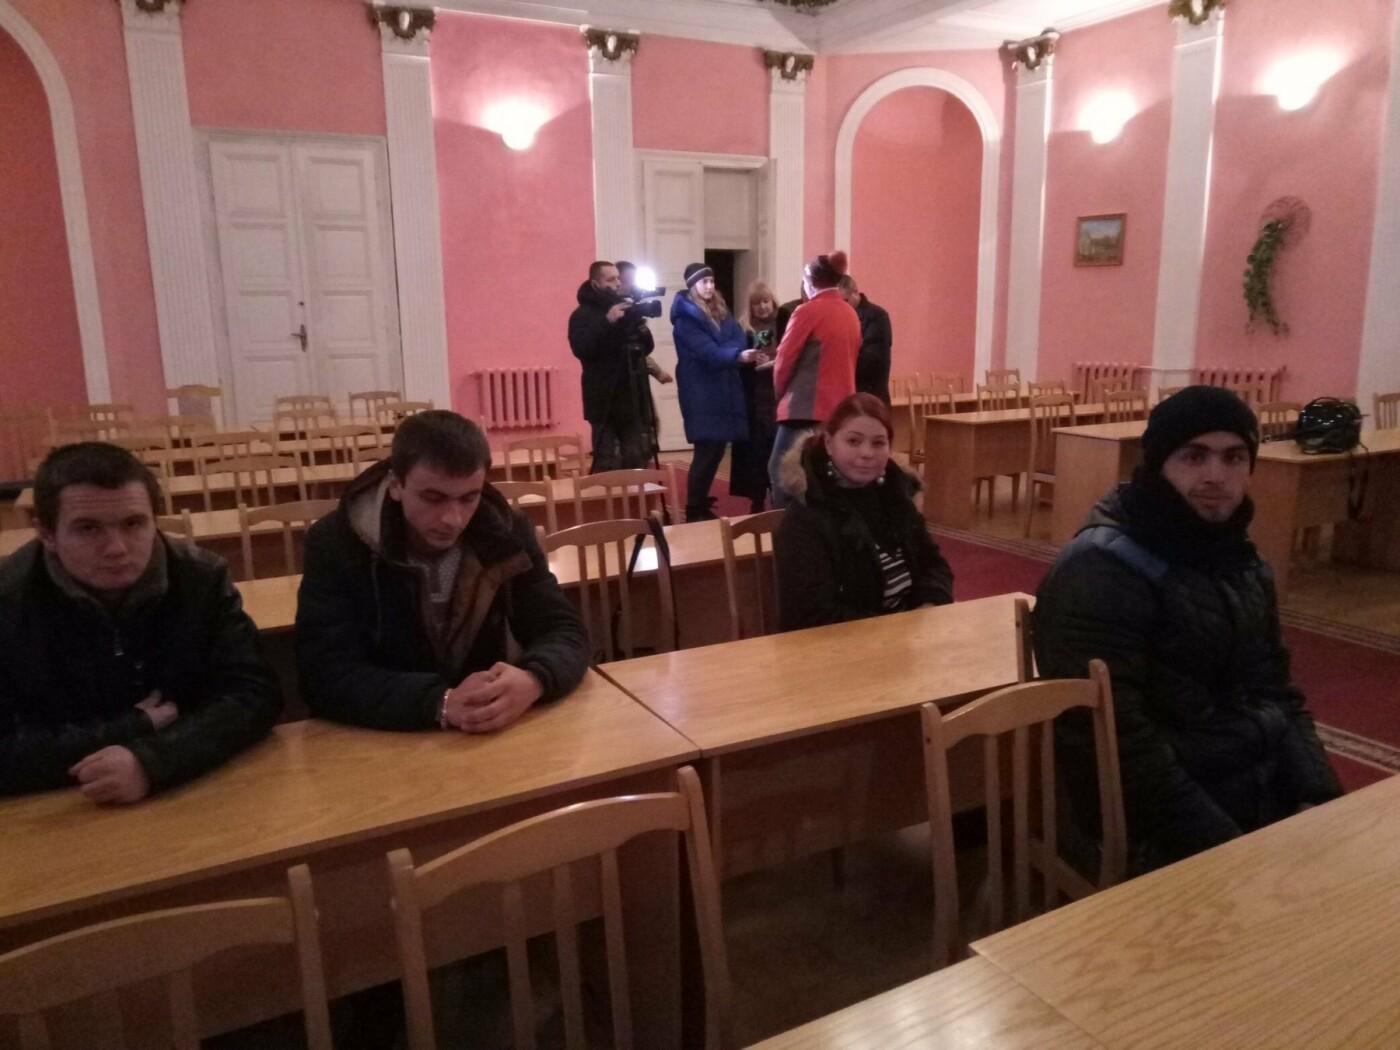 Буковинці почали активно звертаютись до військкомату: на службу відправили ще 6 кандидатів, фото-2